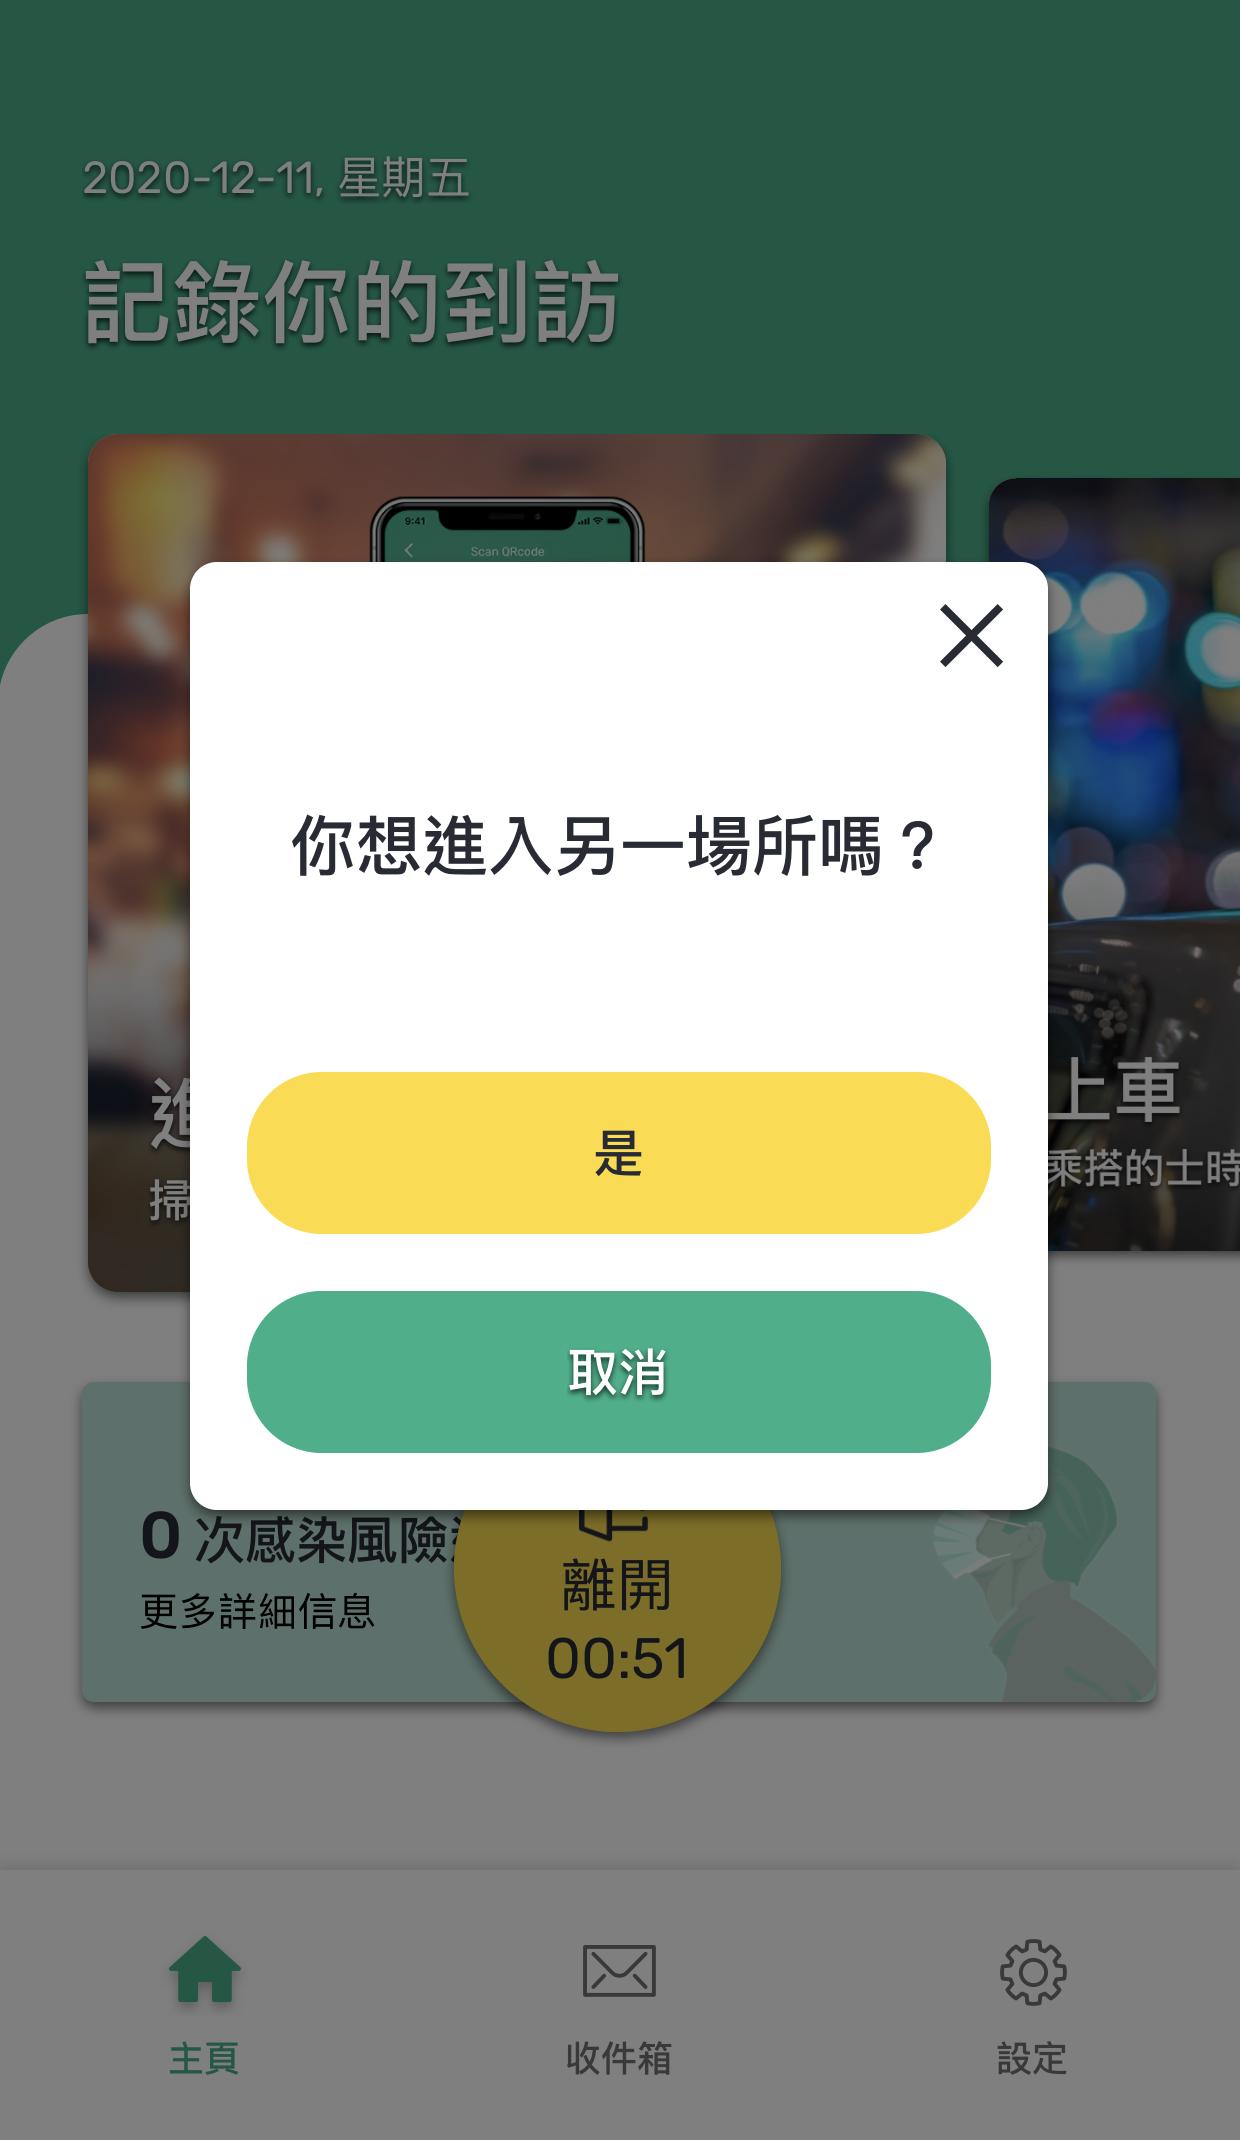 用戶轉場時毋須先按「離開」鍵,直接掃描另一個場所二維碼即可(政府新聞處圖片)